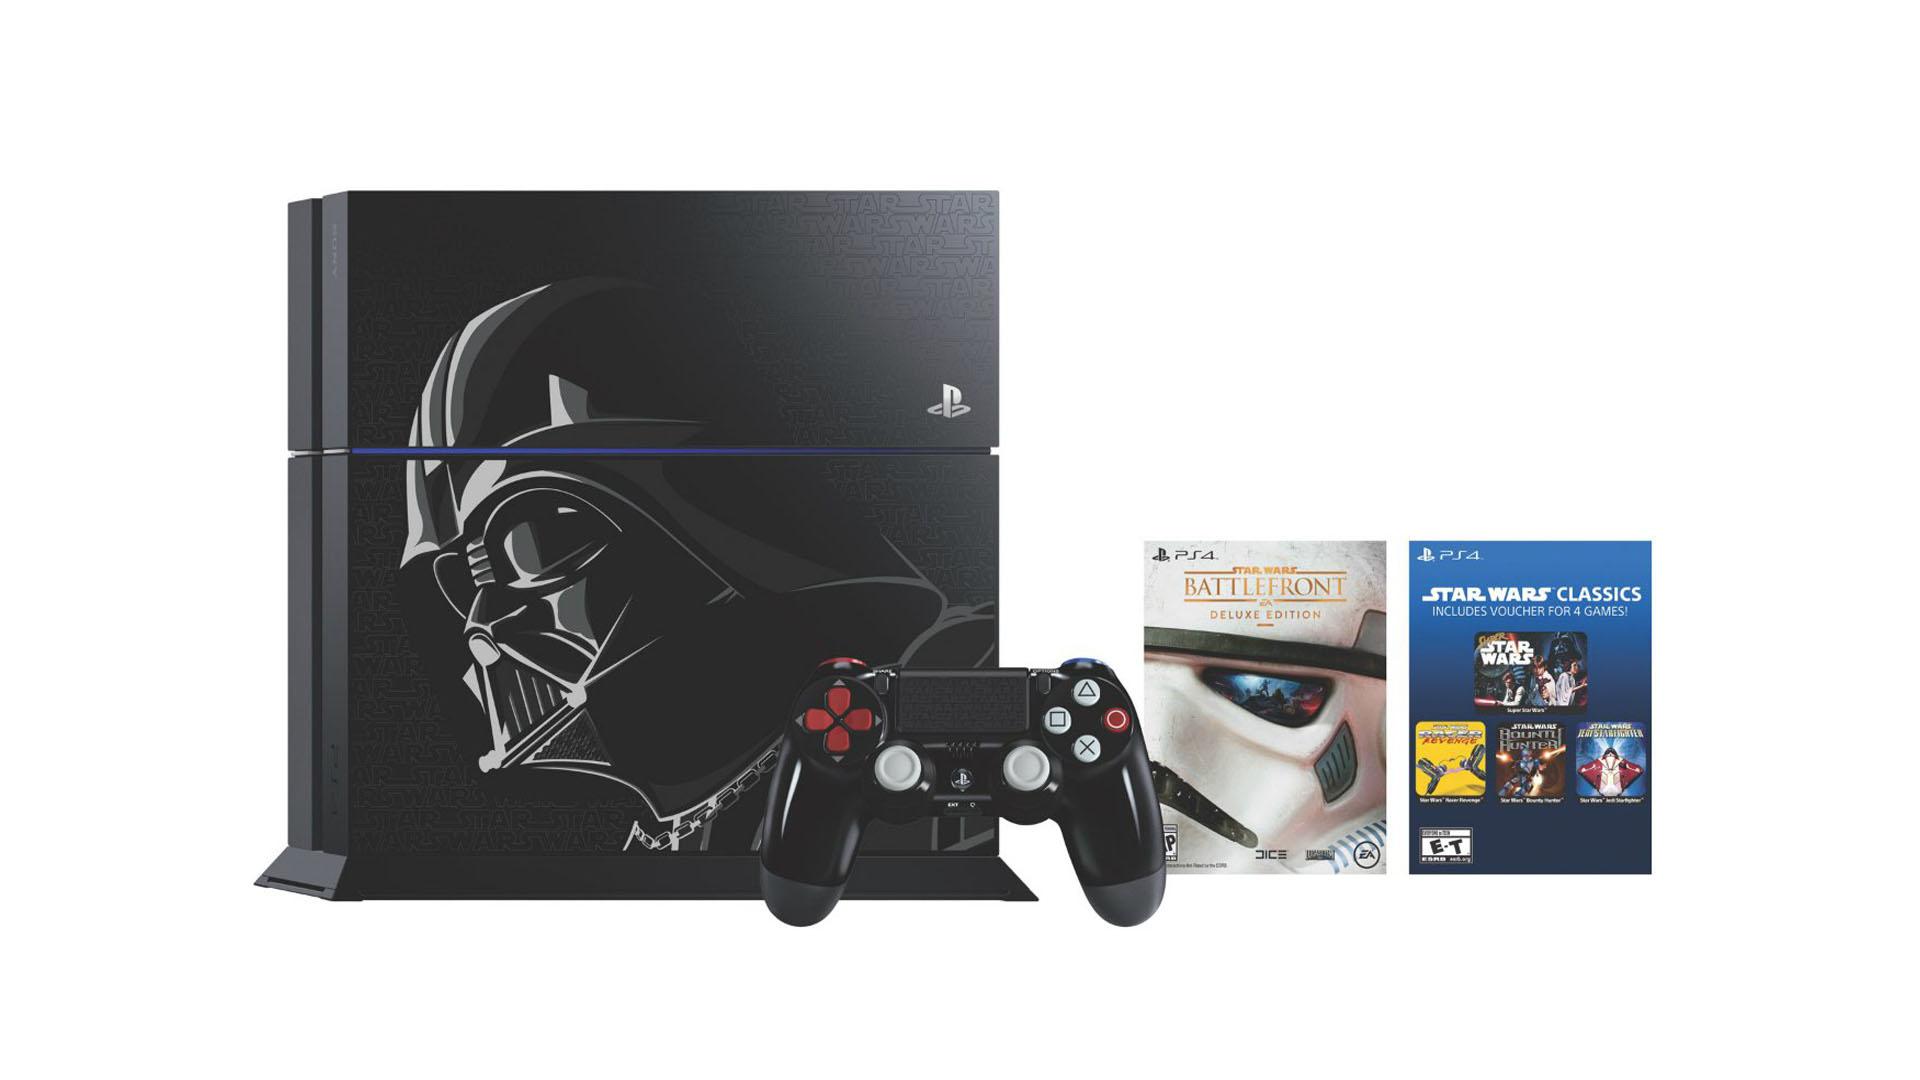 Star Wars Battlefront Darth Vader Ps4